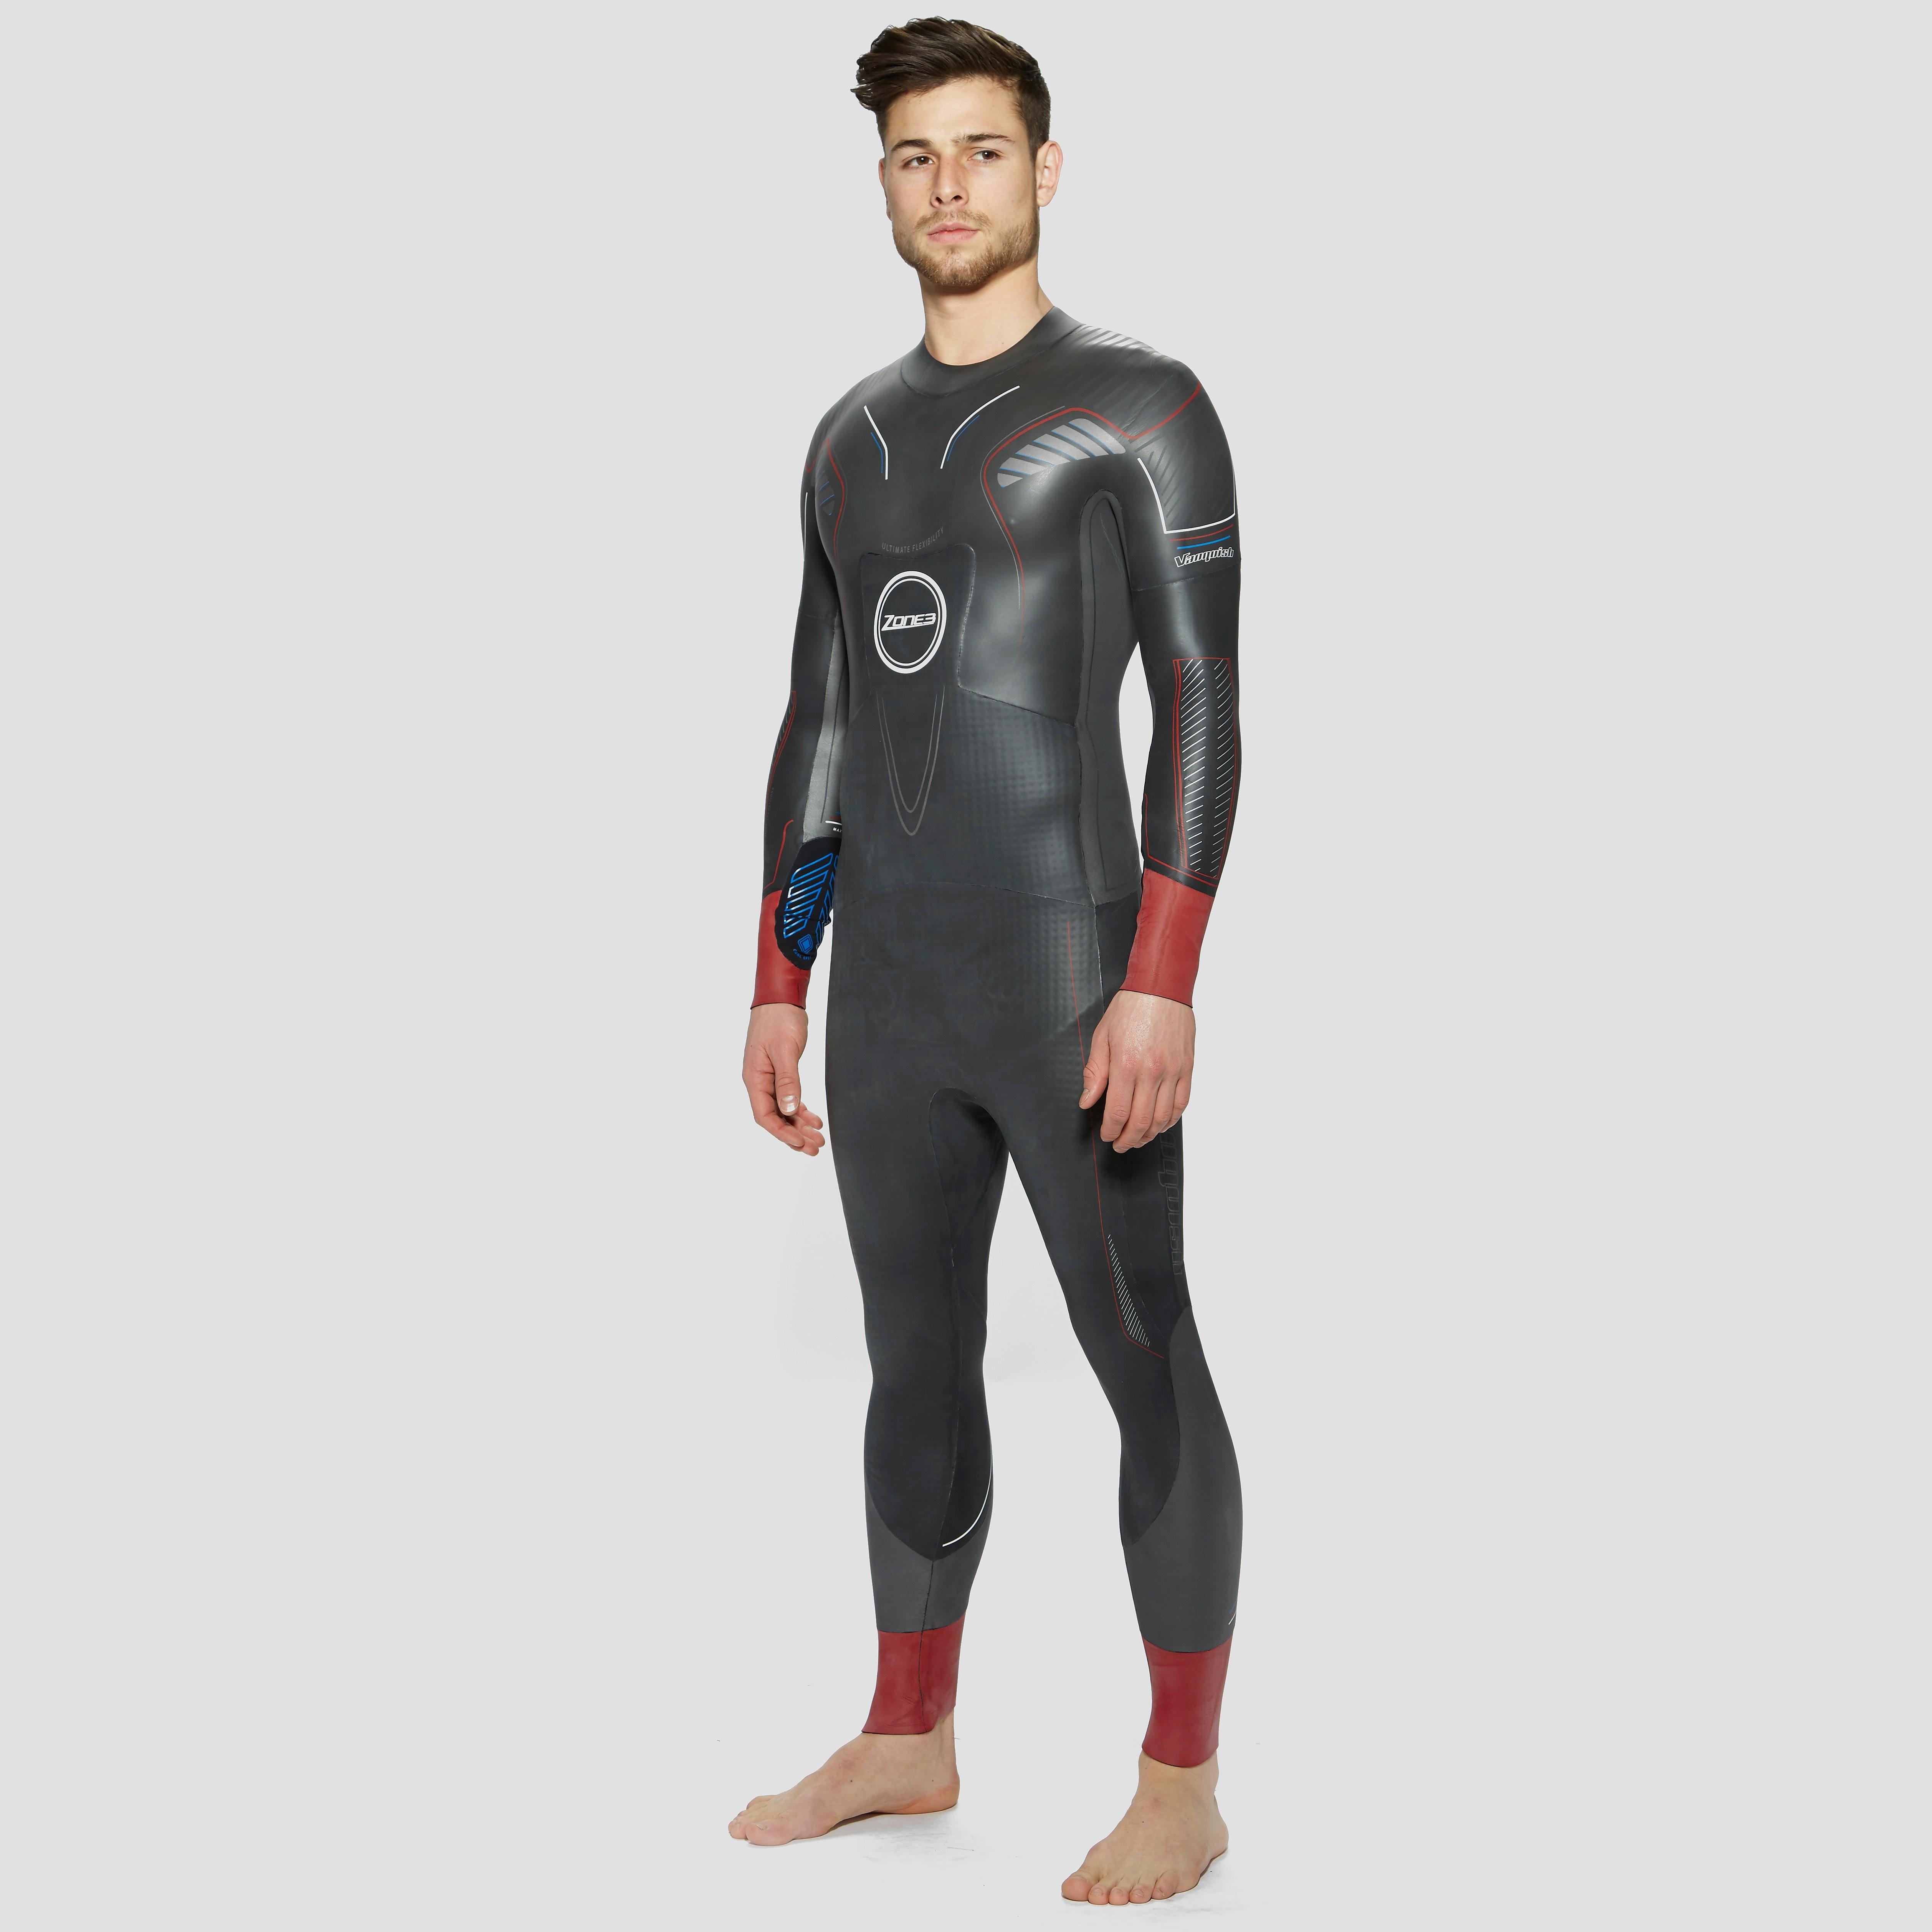 Zone 3 Vanquish Men's Wetsuit